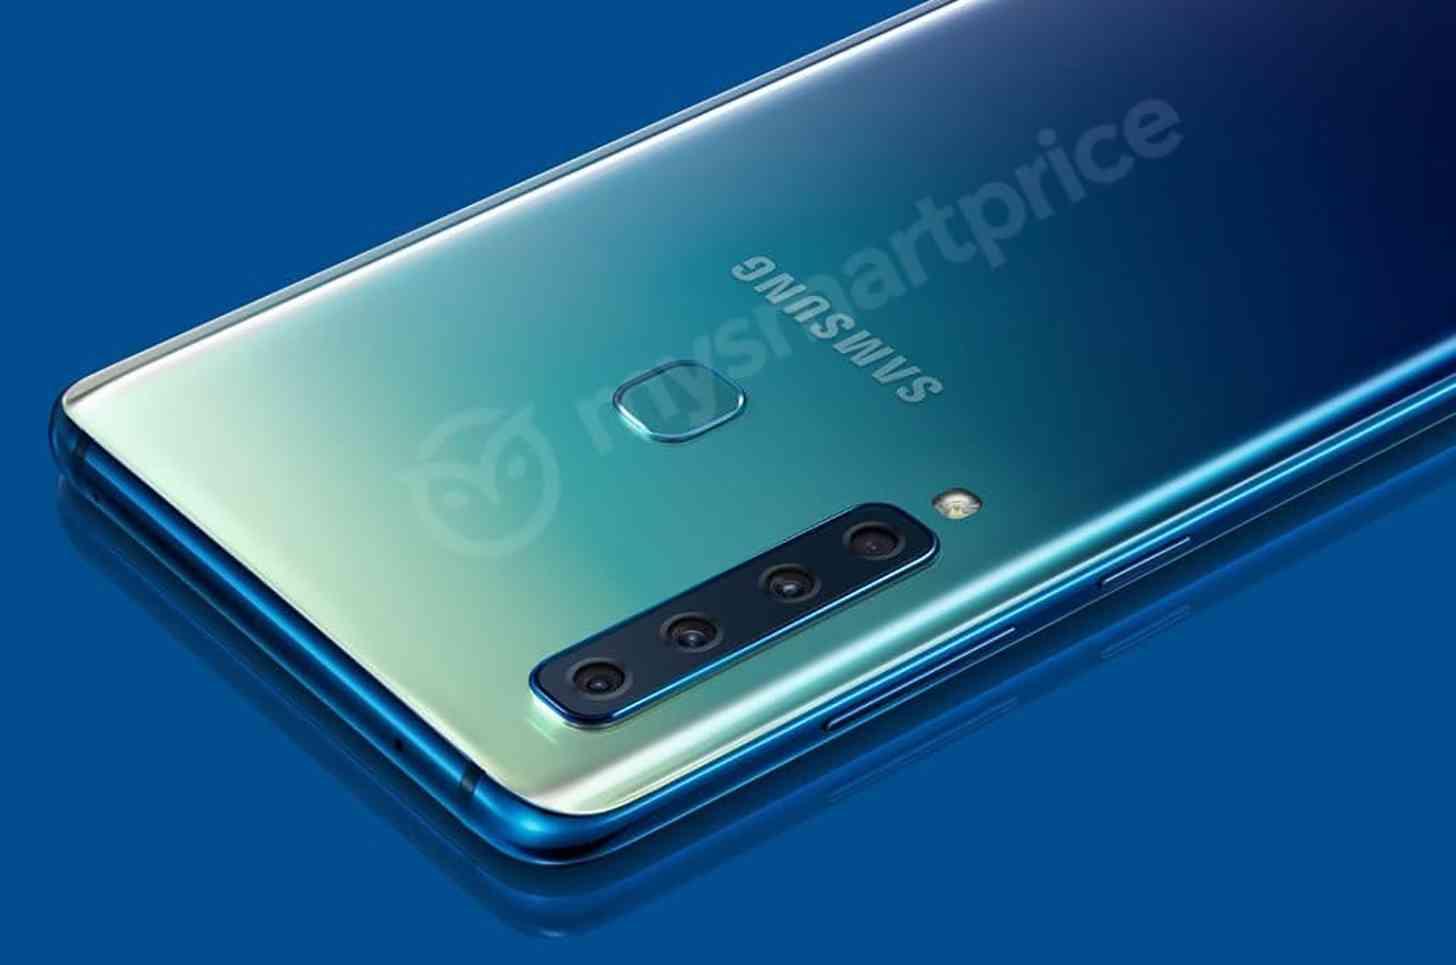 Samsung Galaxy A9 four cameras leak